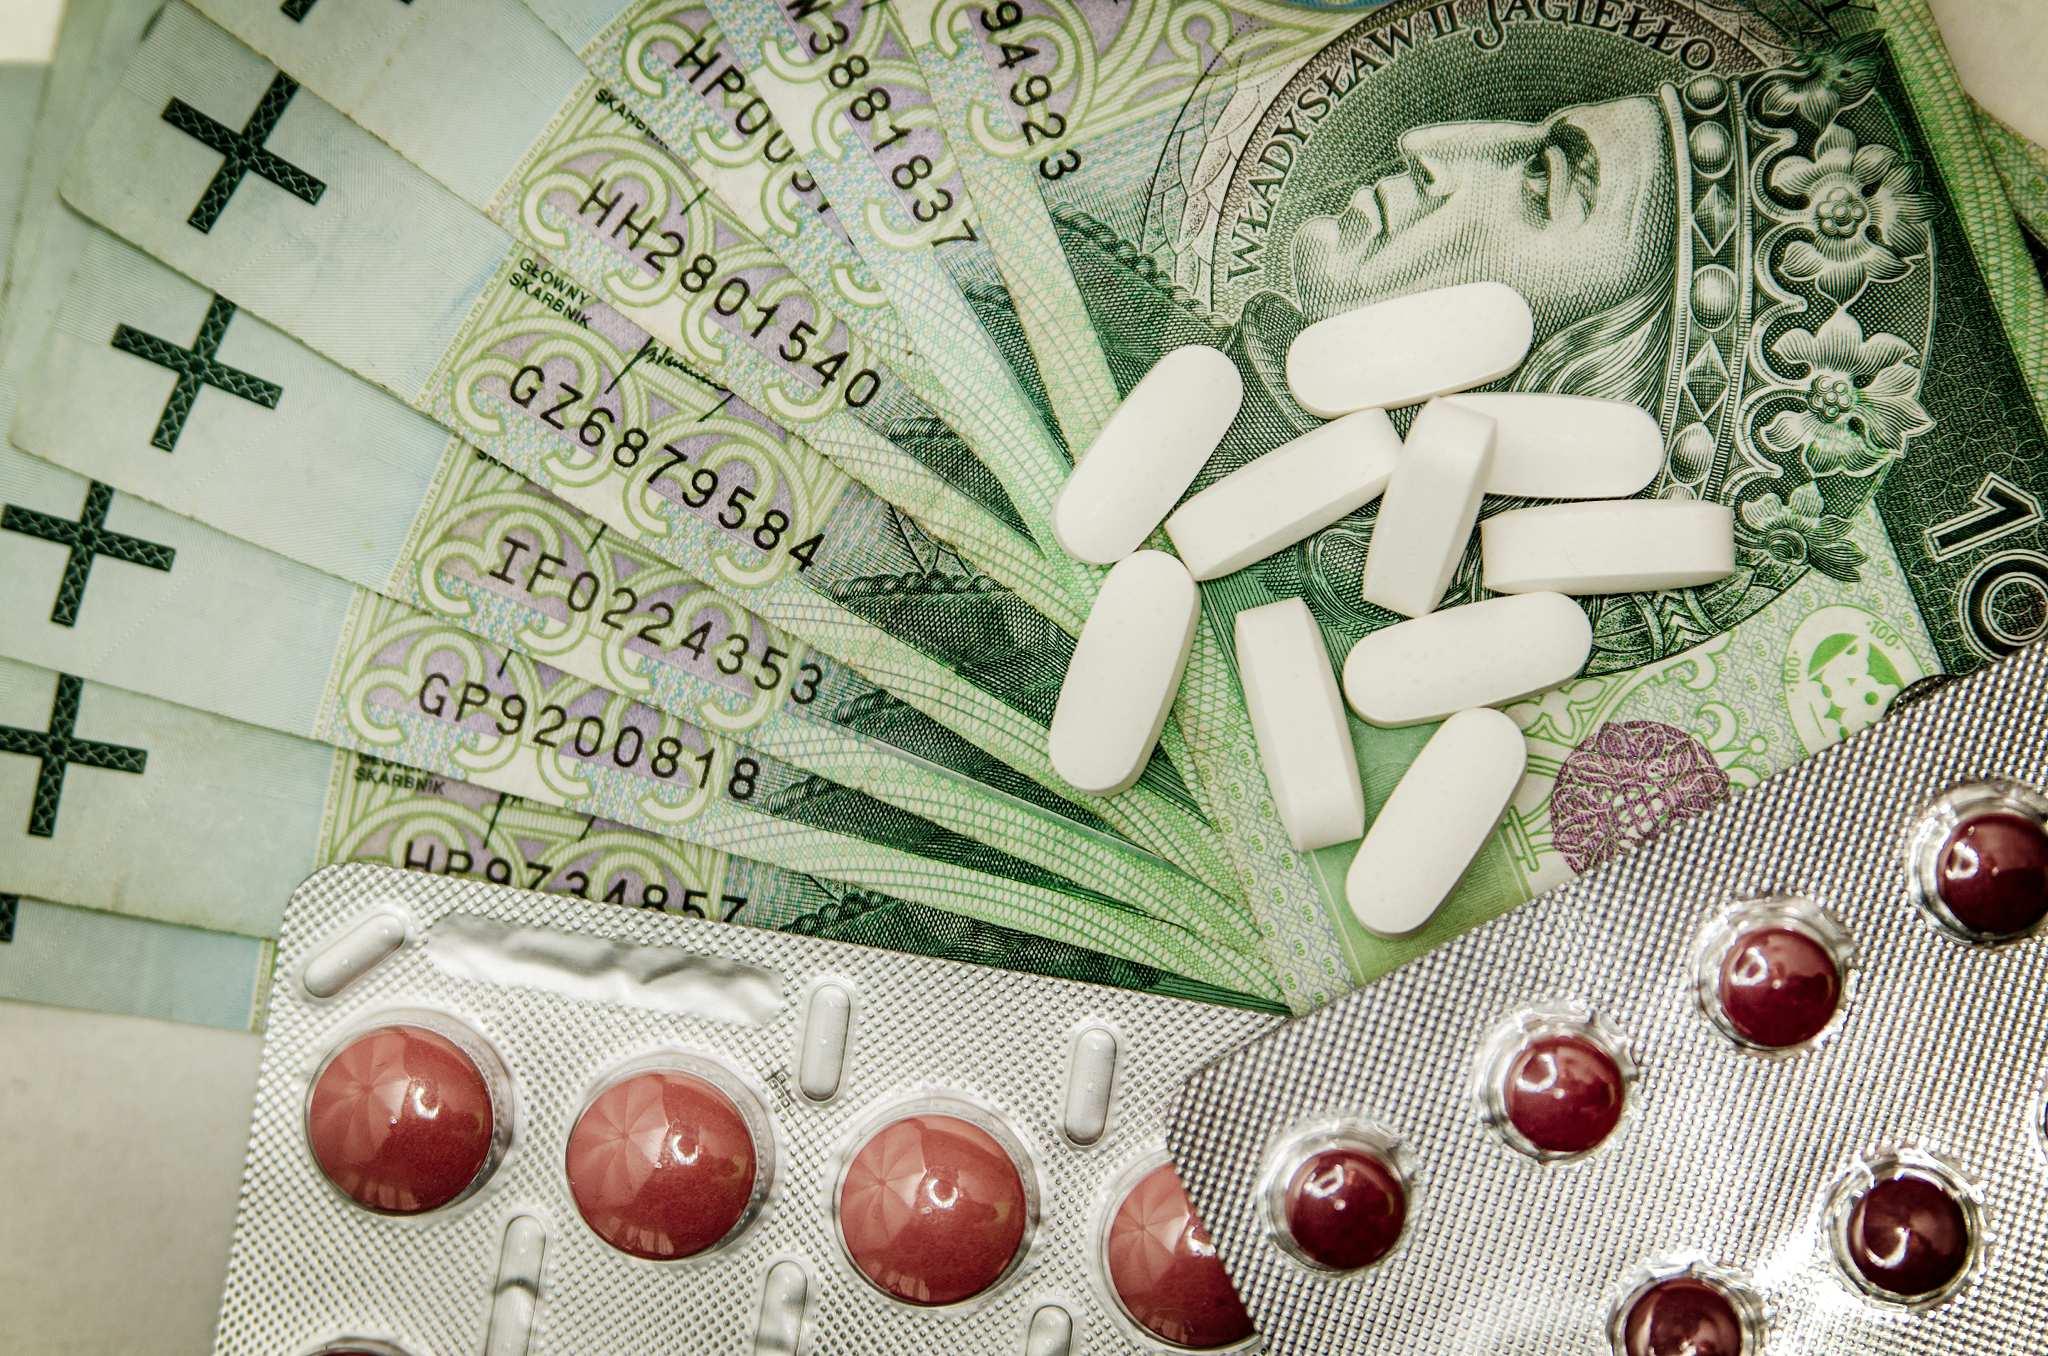 vaistai hipertenzijai gydyti grupėmis